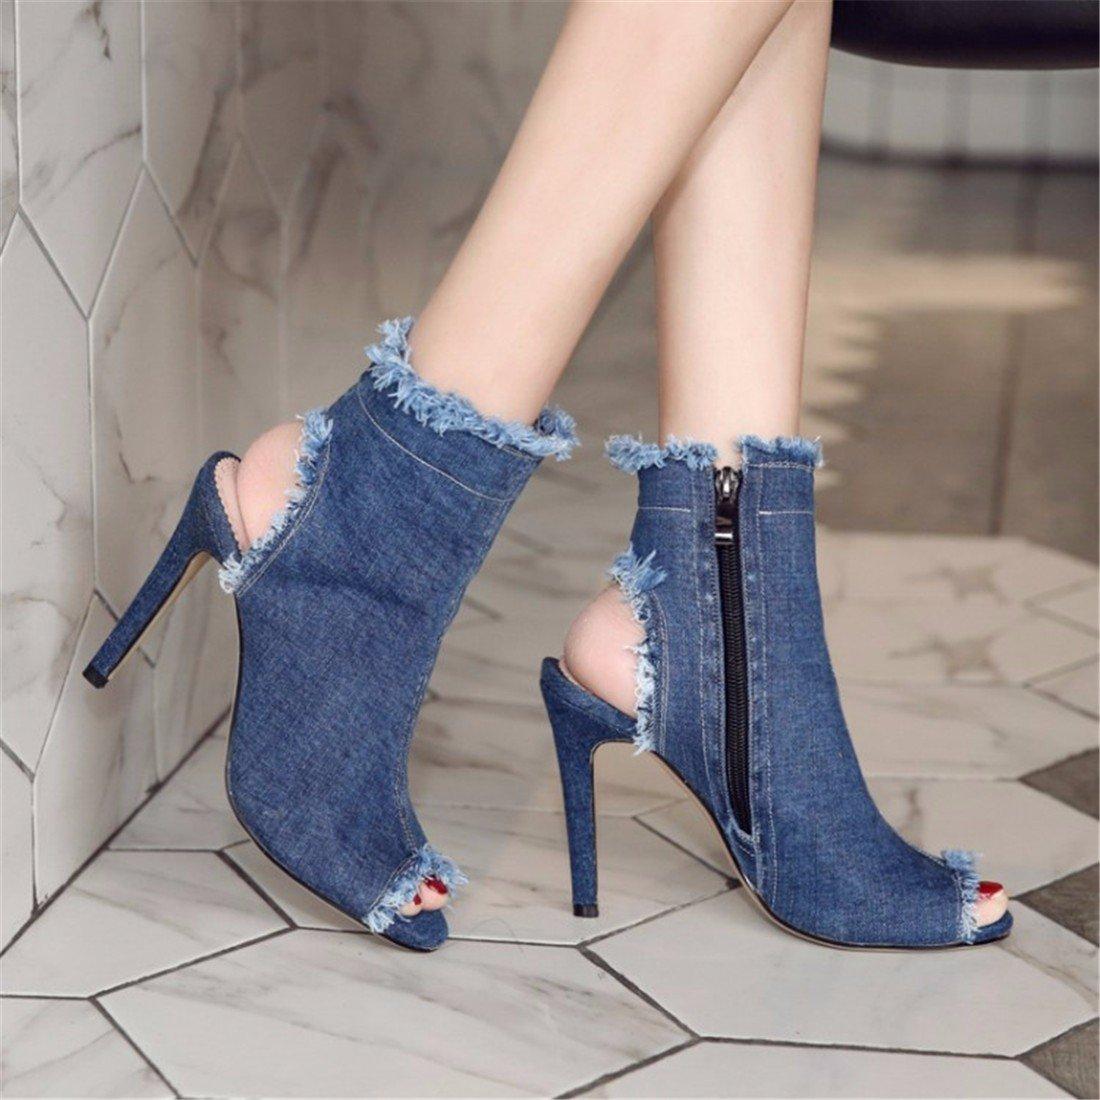 Damen Sandalen Sandalen Fisch Mund Sandalette Sandalette Sandalette High-Heel Denim Sandalen 574e99